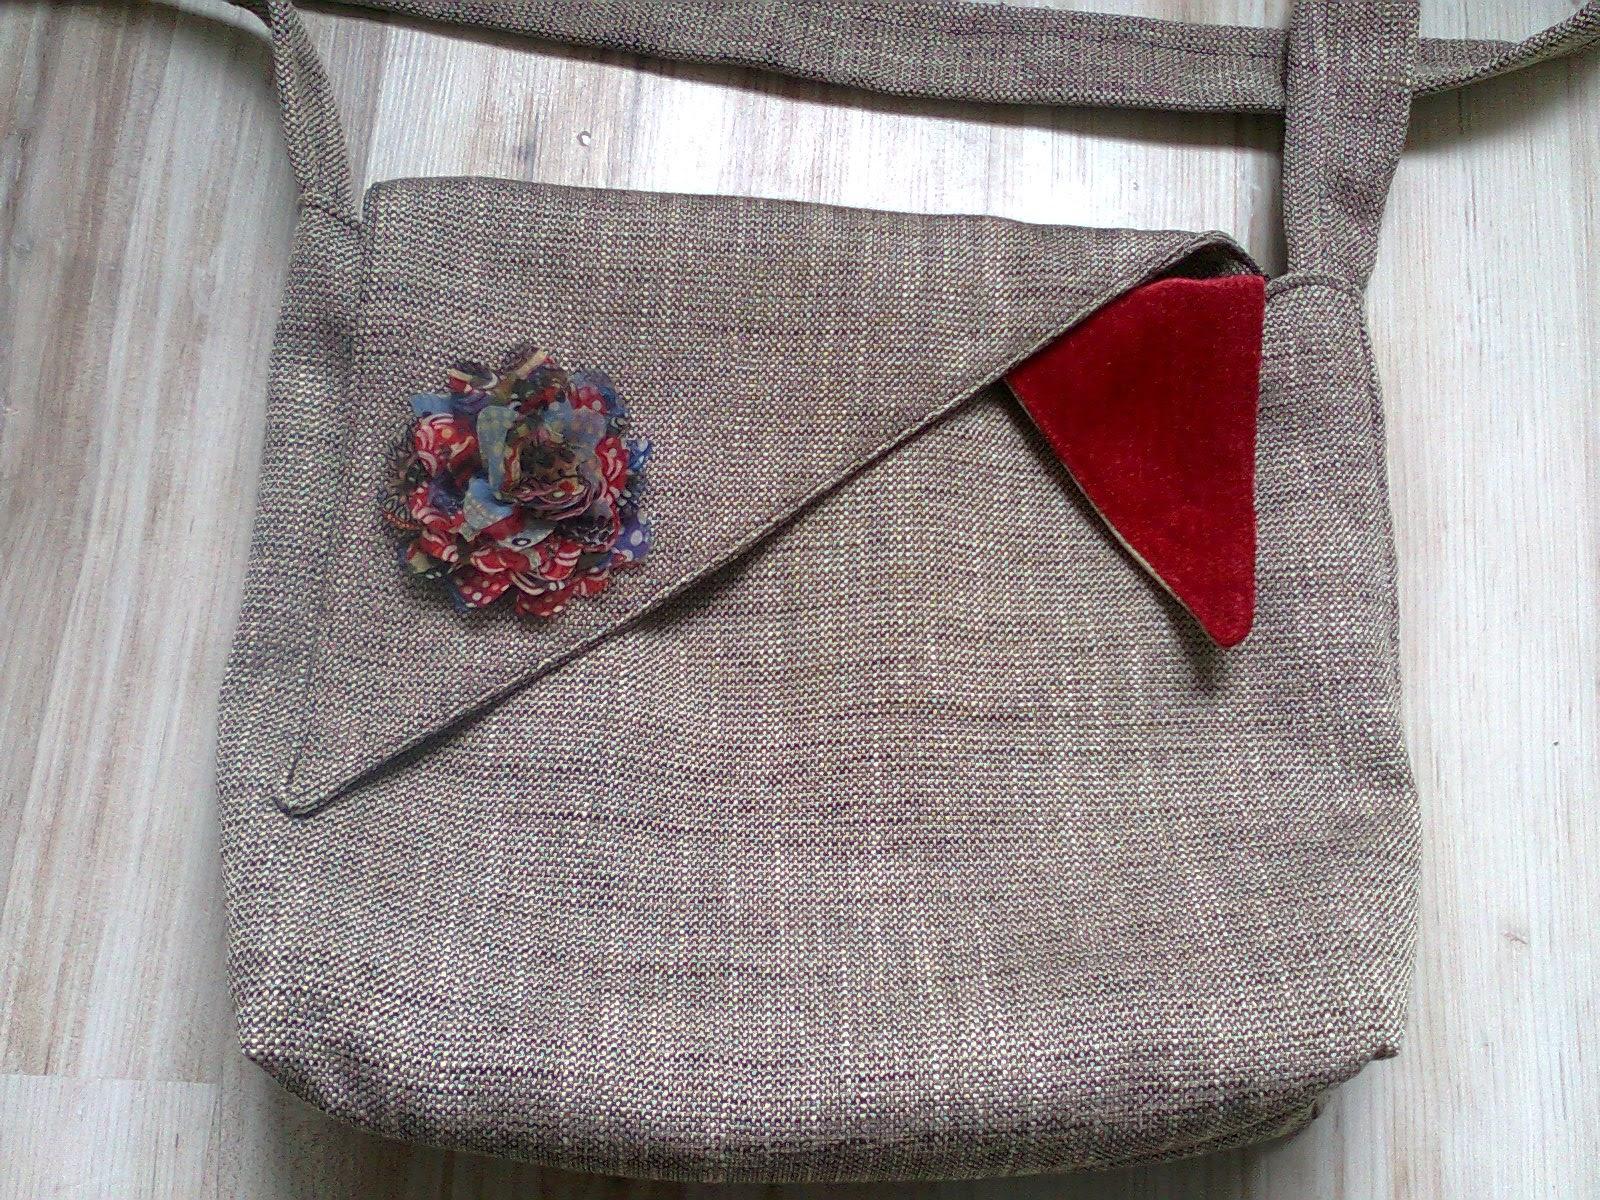 Ontwerp Eigen Tas : Voor jou van mij tas naar eigen ontwerp